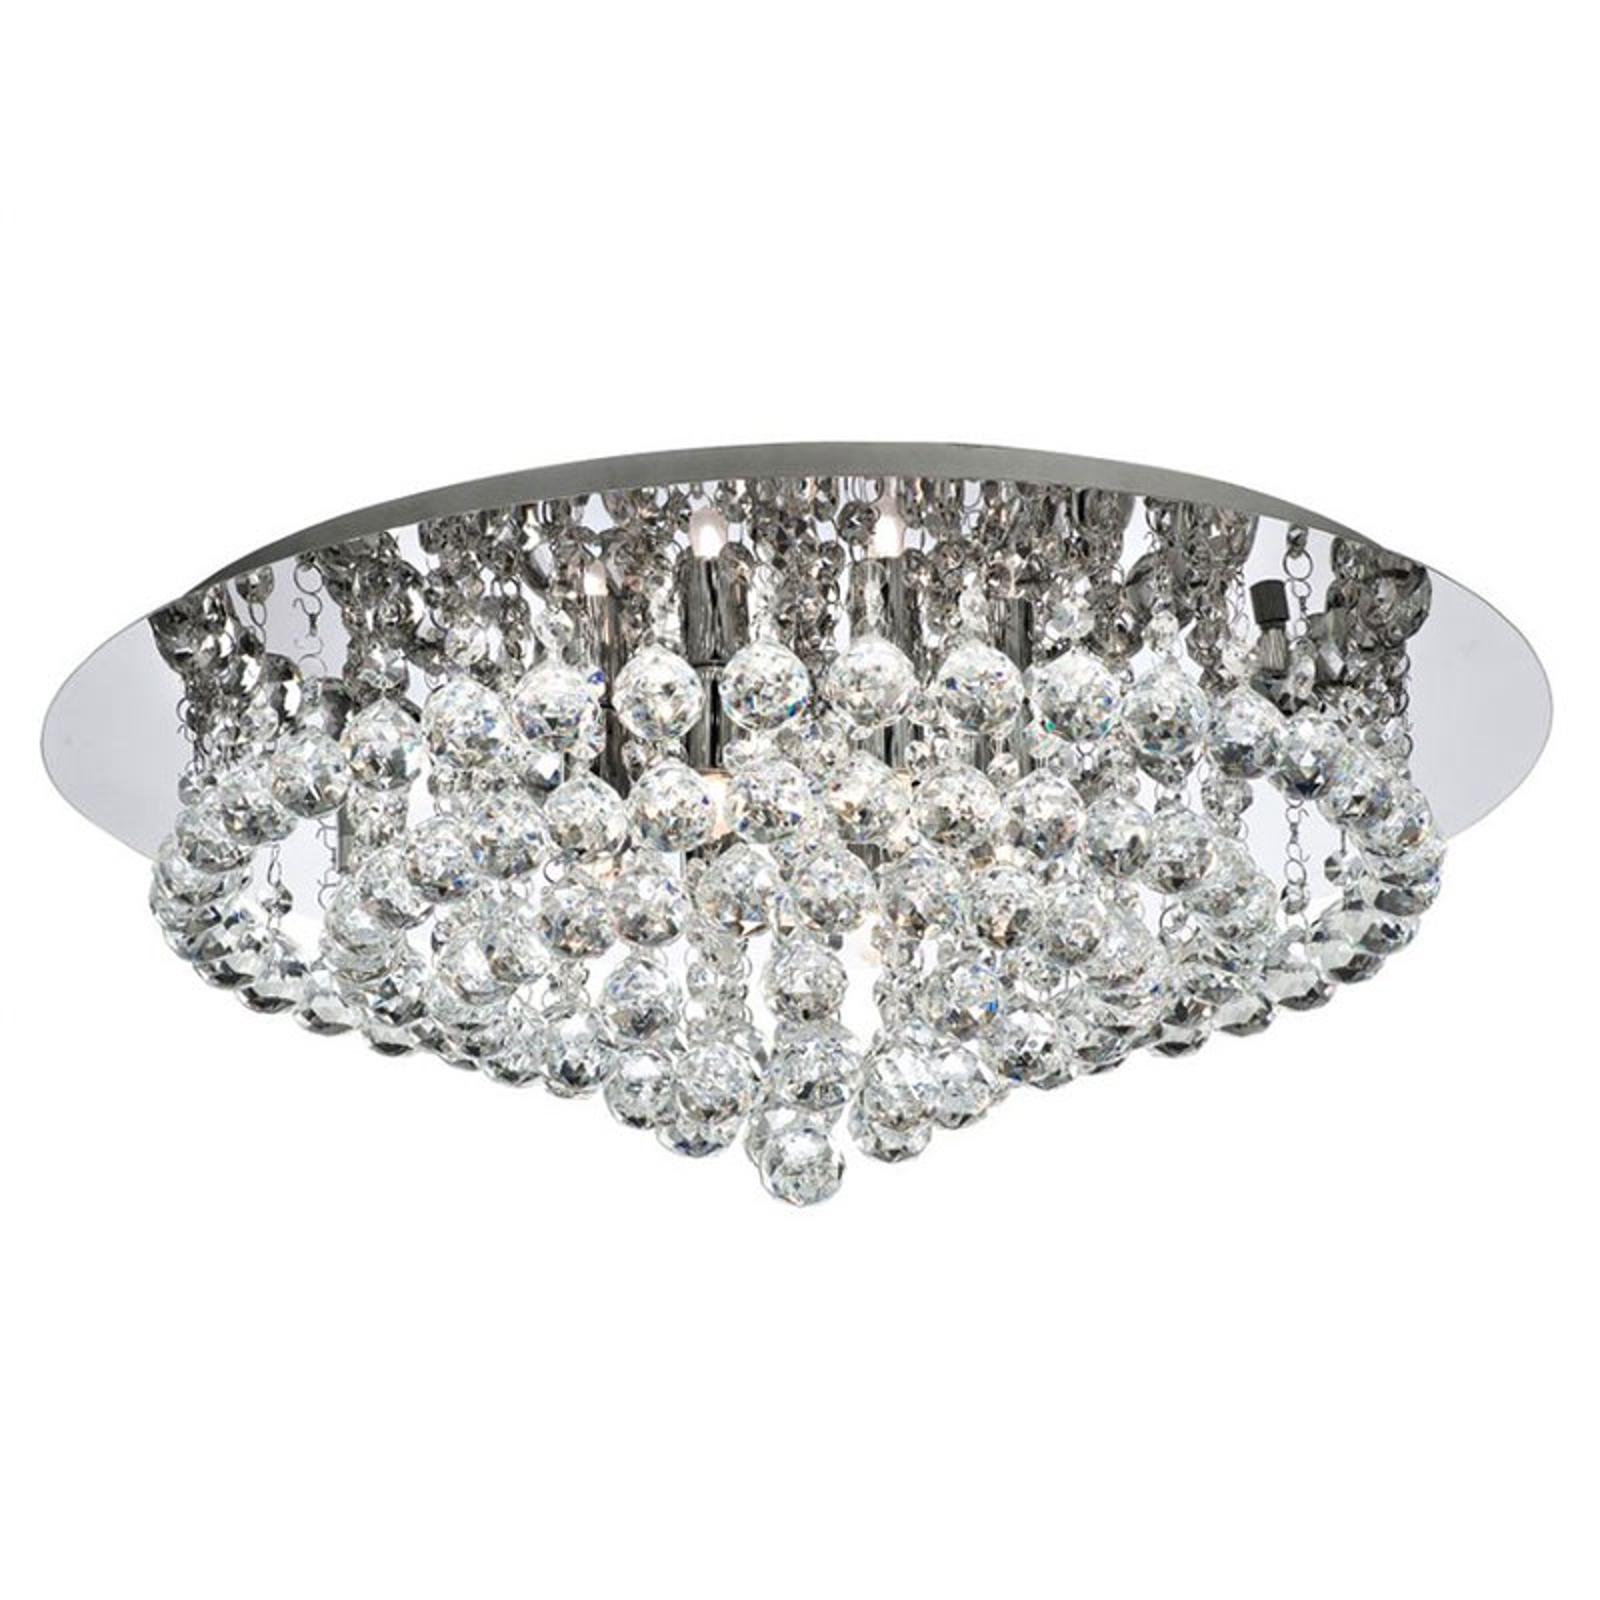 Kattovalaisin Hanna kromi, kristallipallot 55 cm